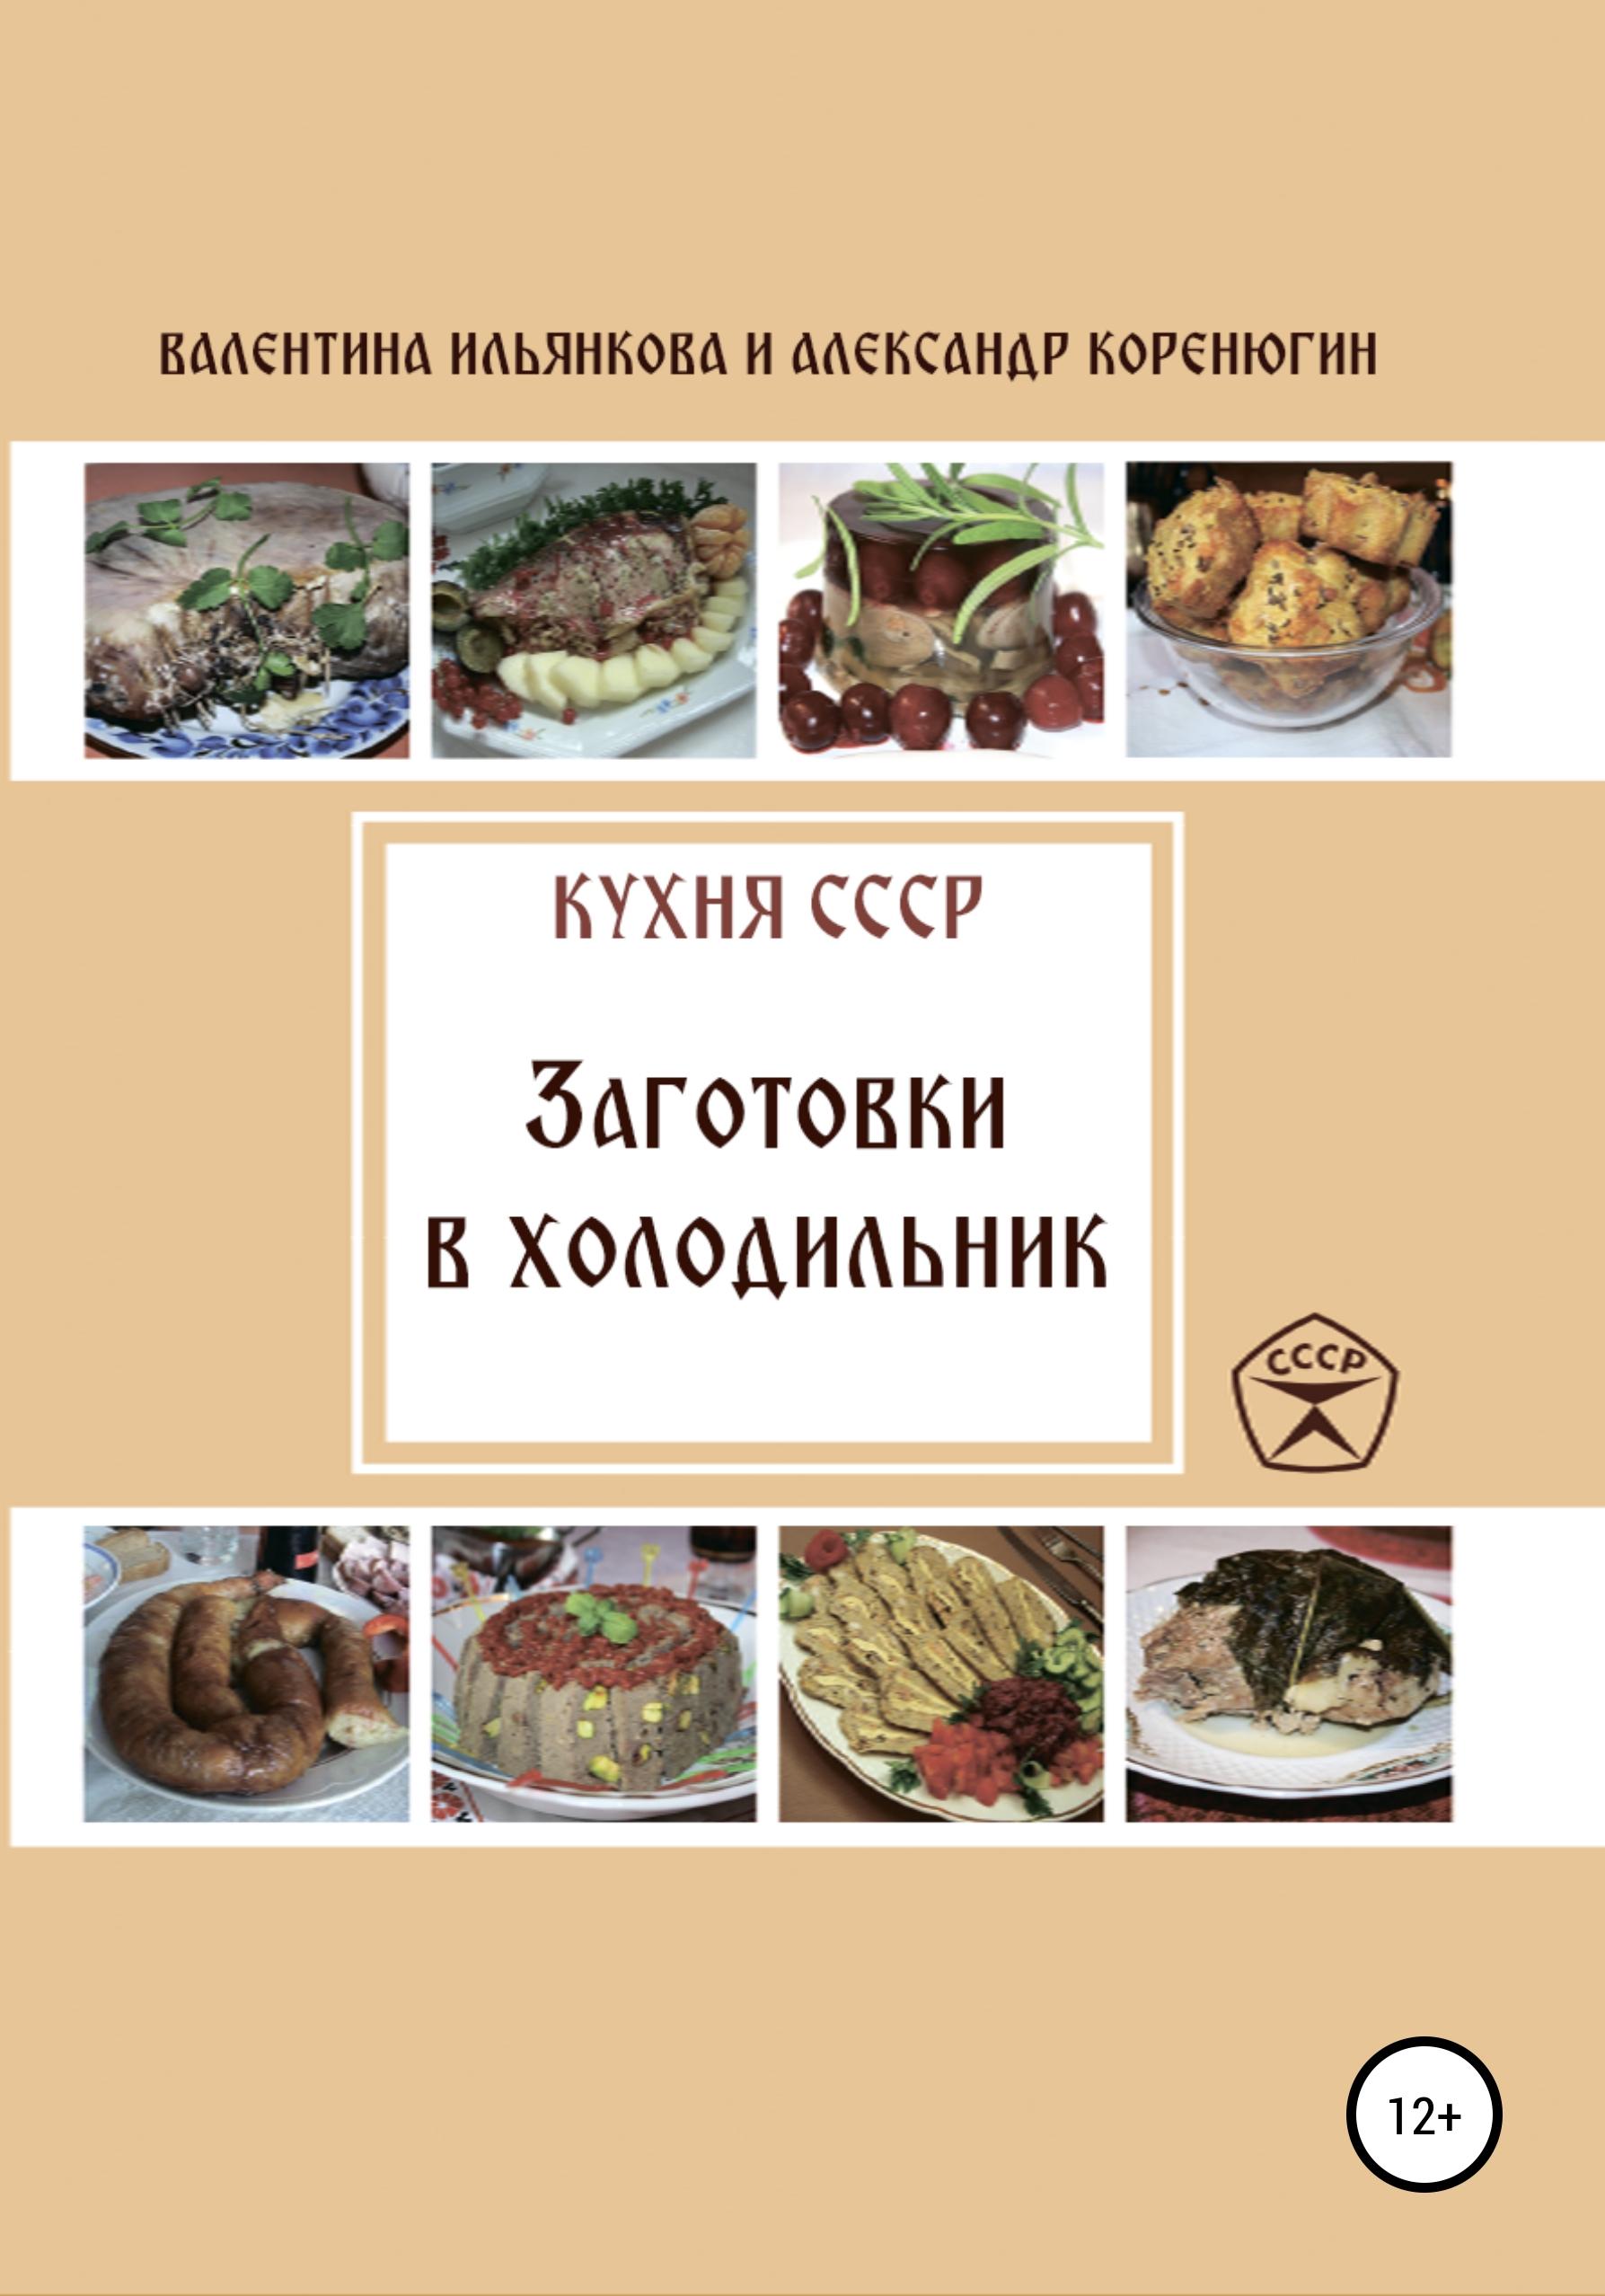 Александр Коренюгин, Валентина Ильянкова - Кухня СССР. Заготовки в холодильник